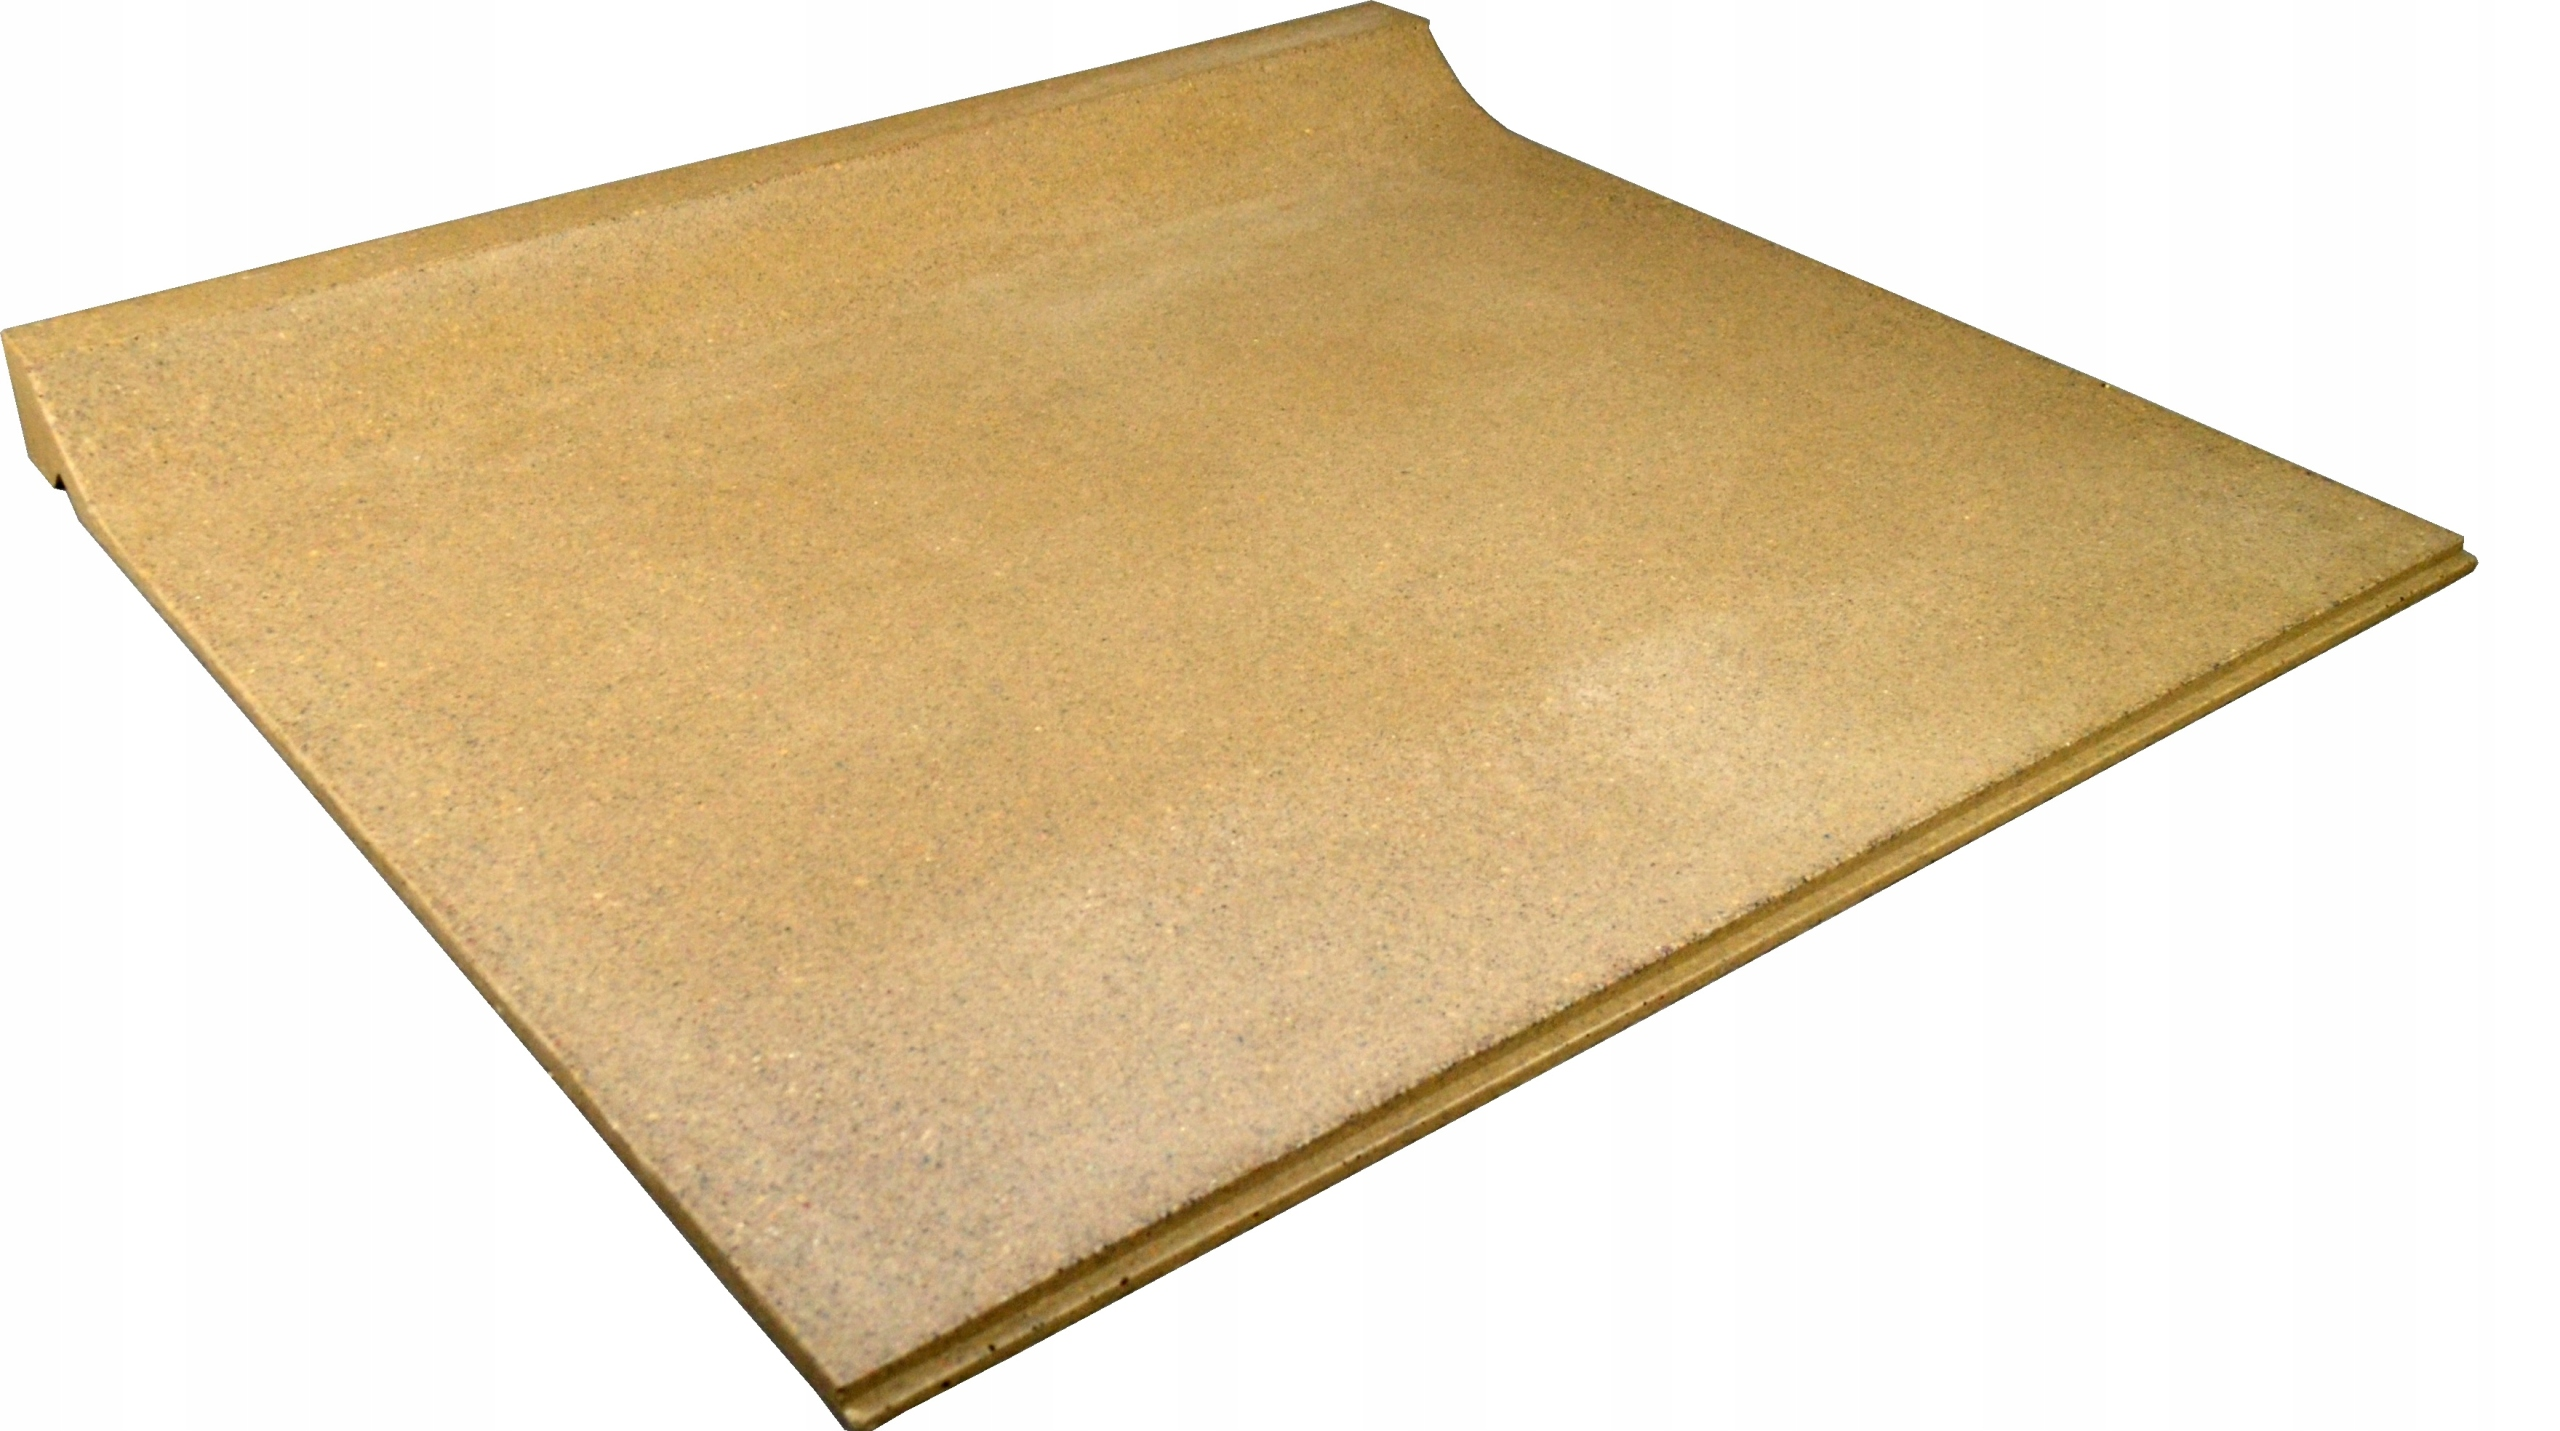 Skladová tabuľka. Polymerové betónové jadrá. KSB 85